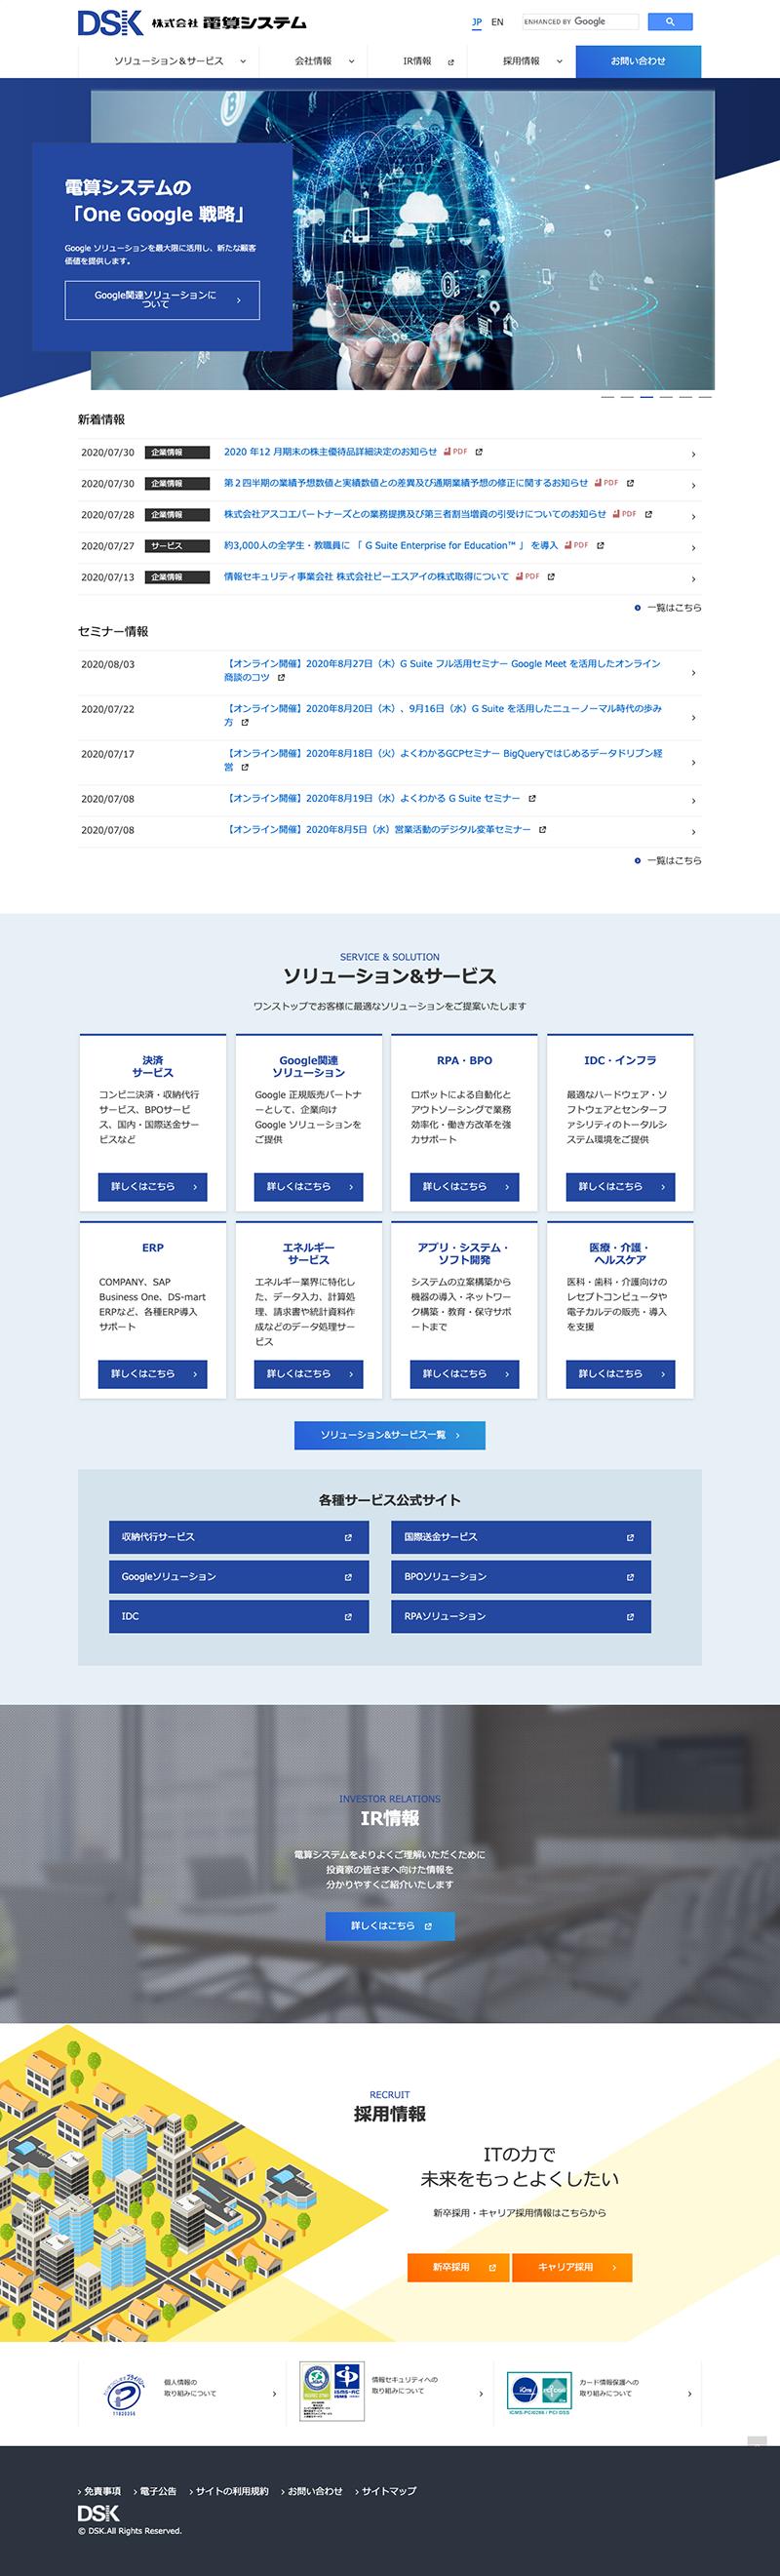 ホームページ制作実績株式会社電算システム